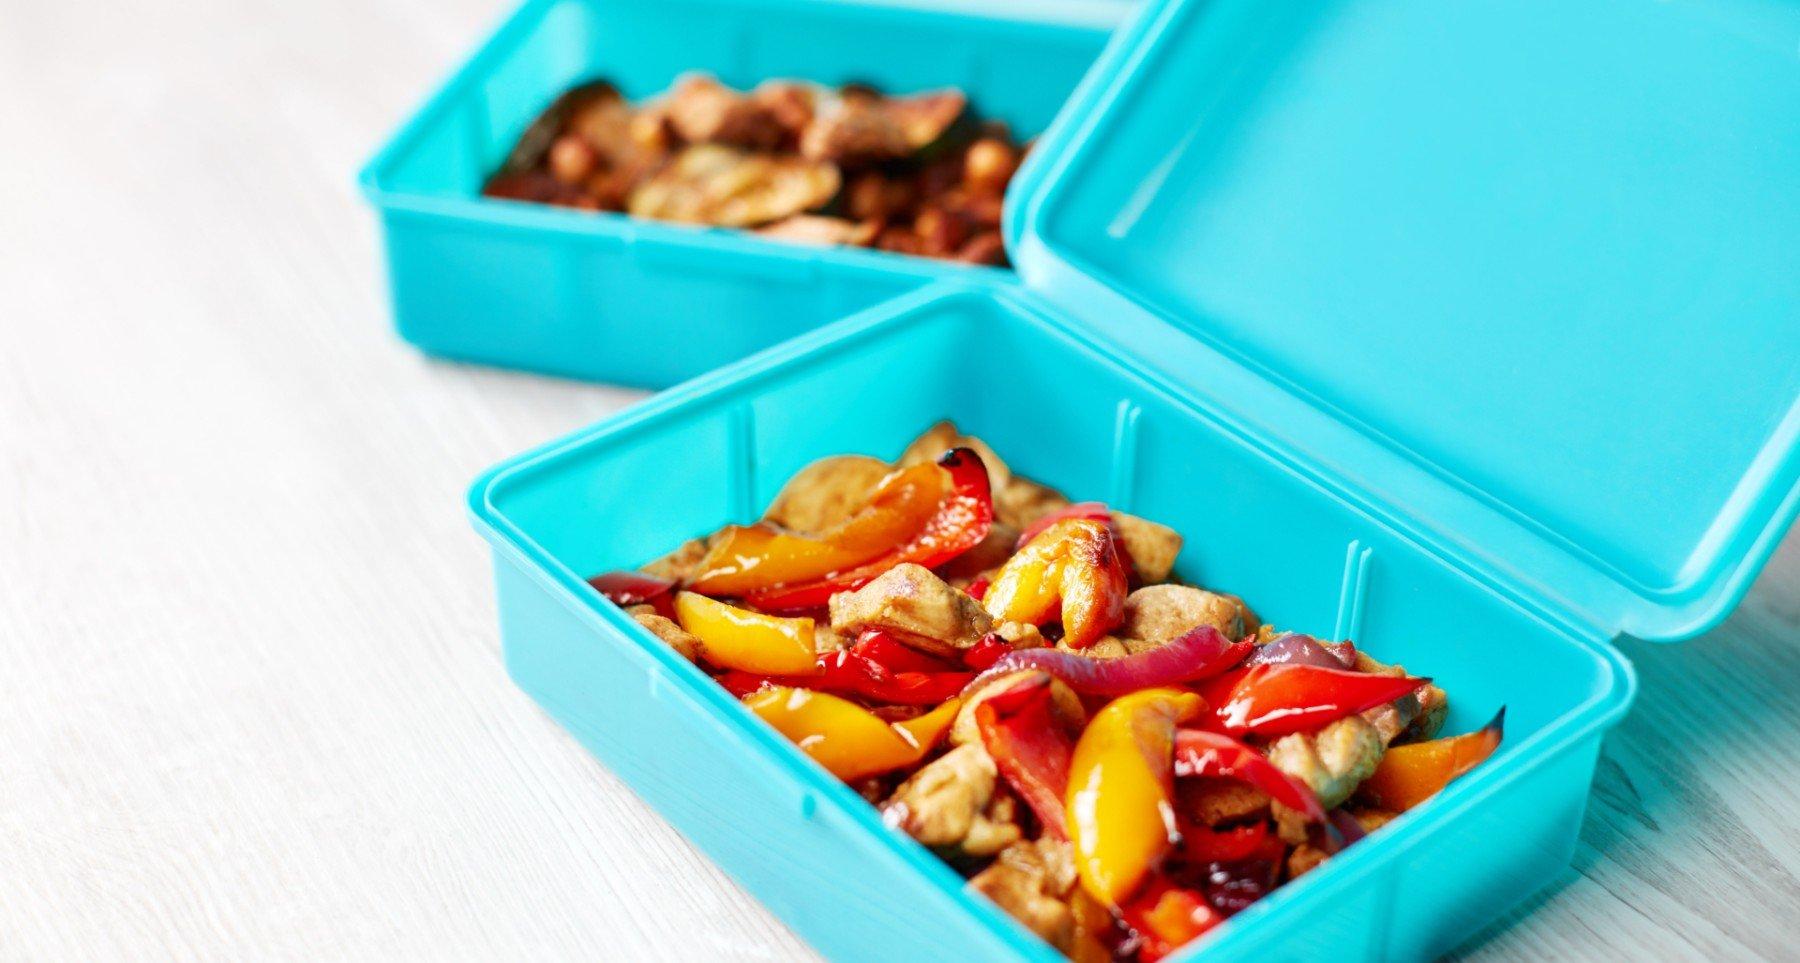 Cómo cocinar el pollo en papillote de 2 formas | Receta fácil